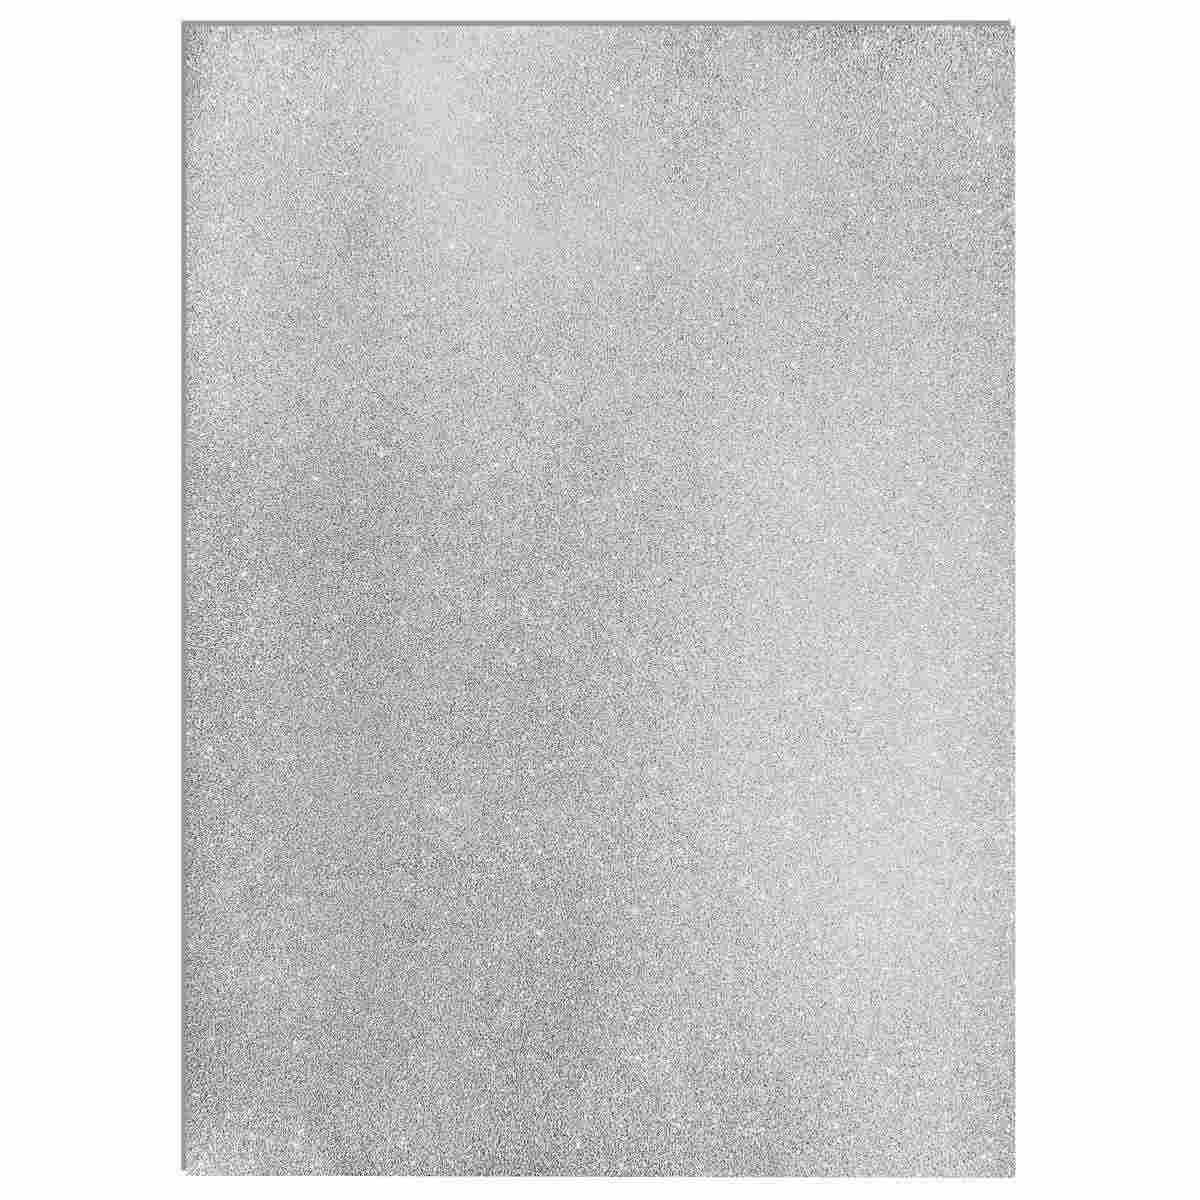 Glitter Foam A3 Sheet Without Sticker Silver